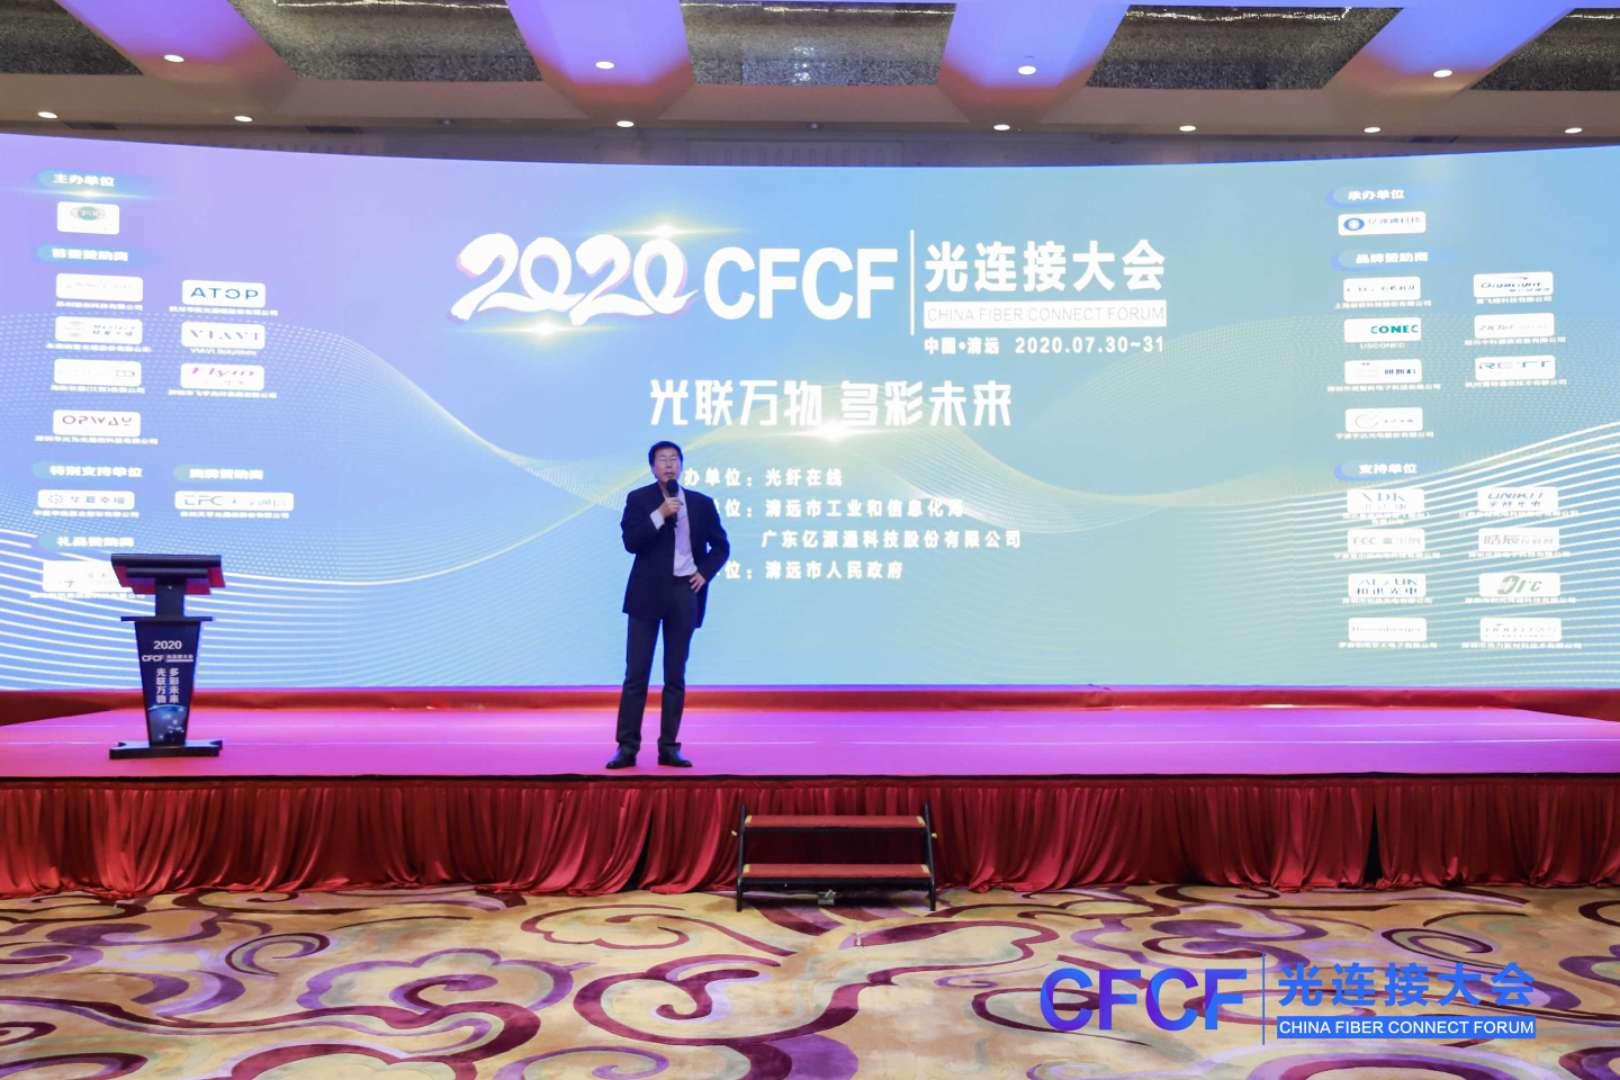 CFCF2020 | 5G与F5G专场快讯之一